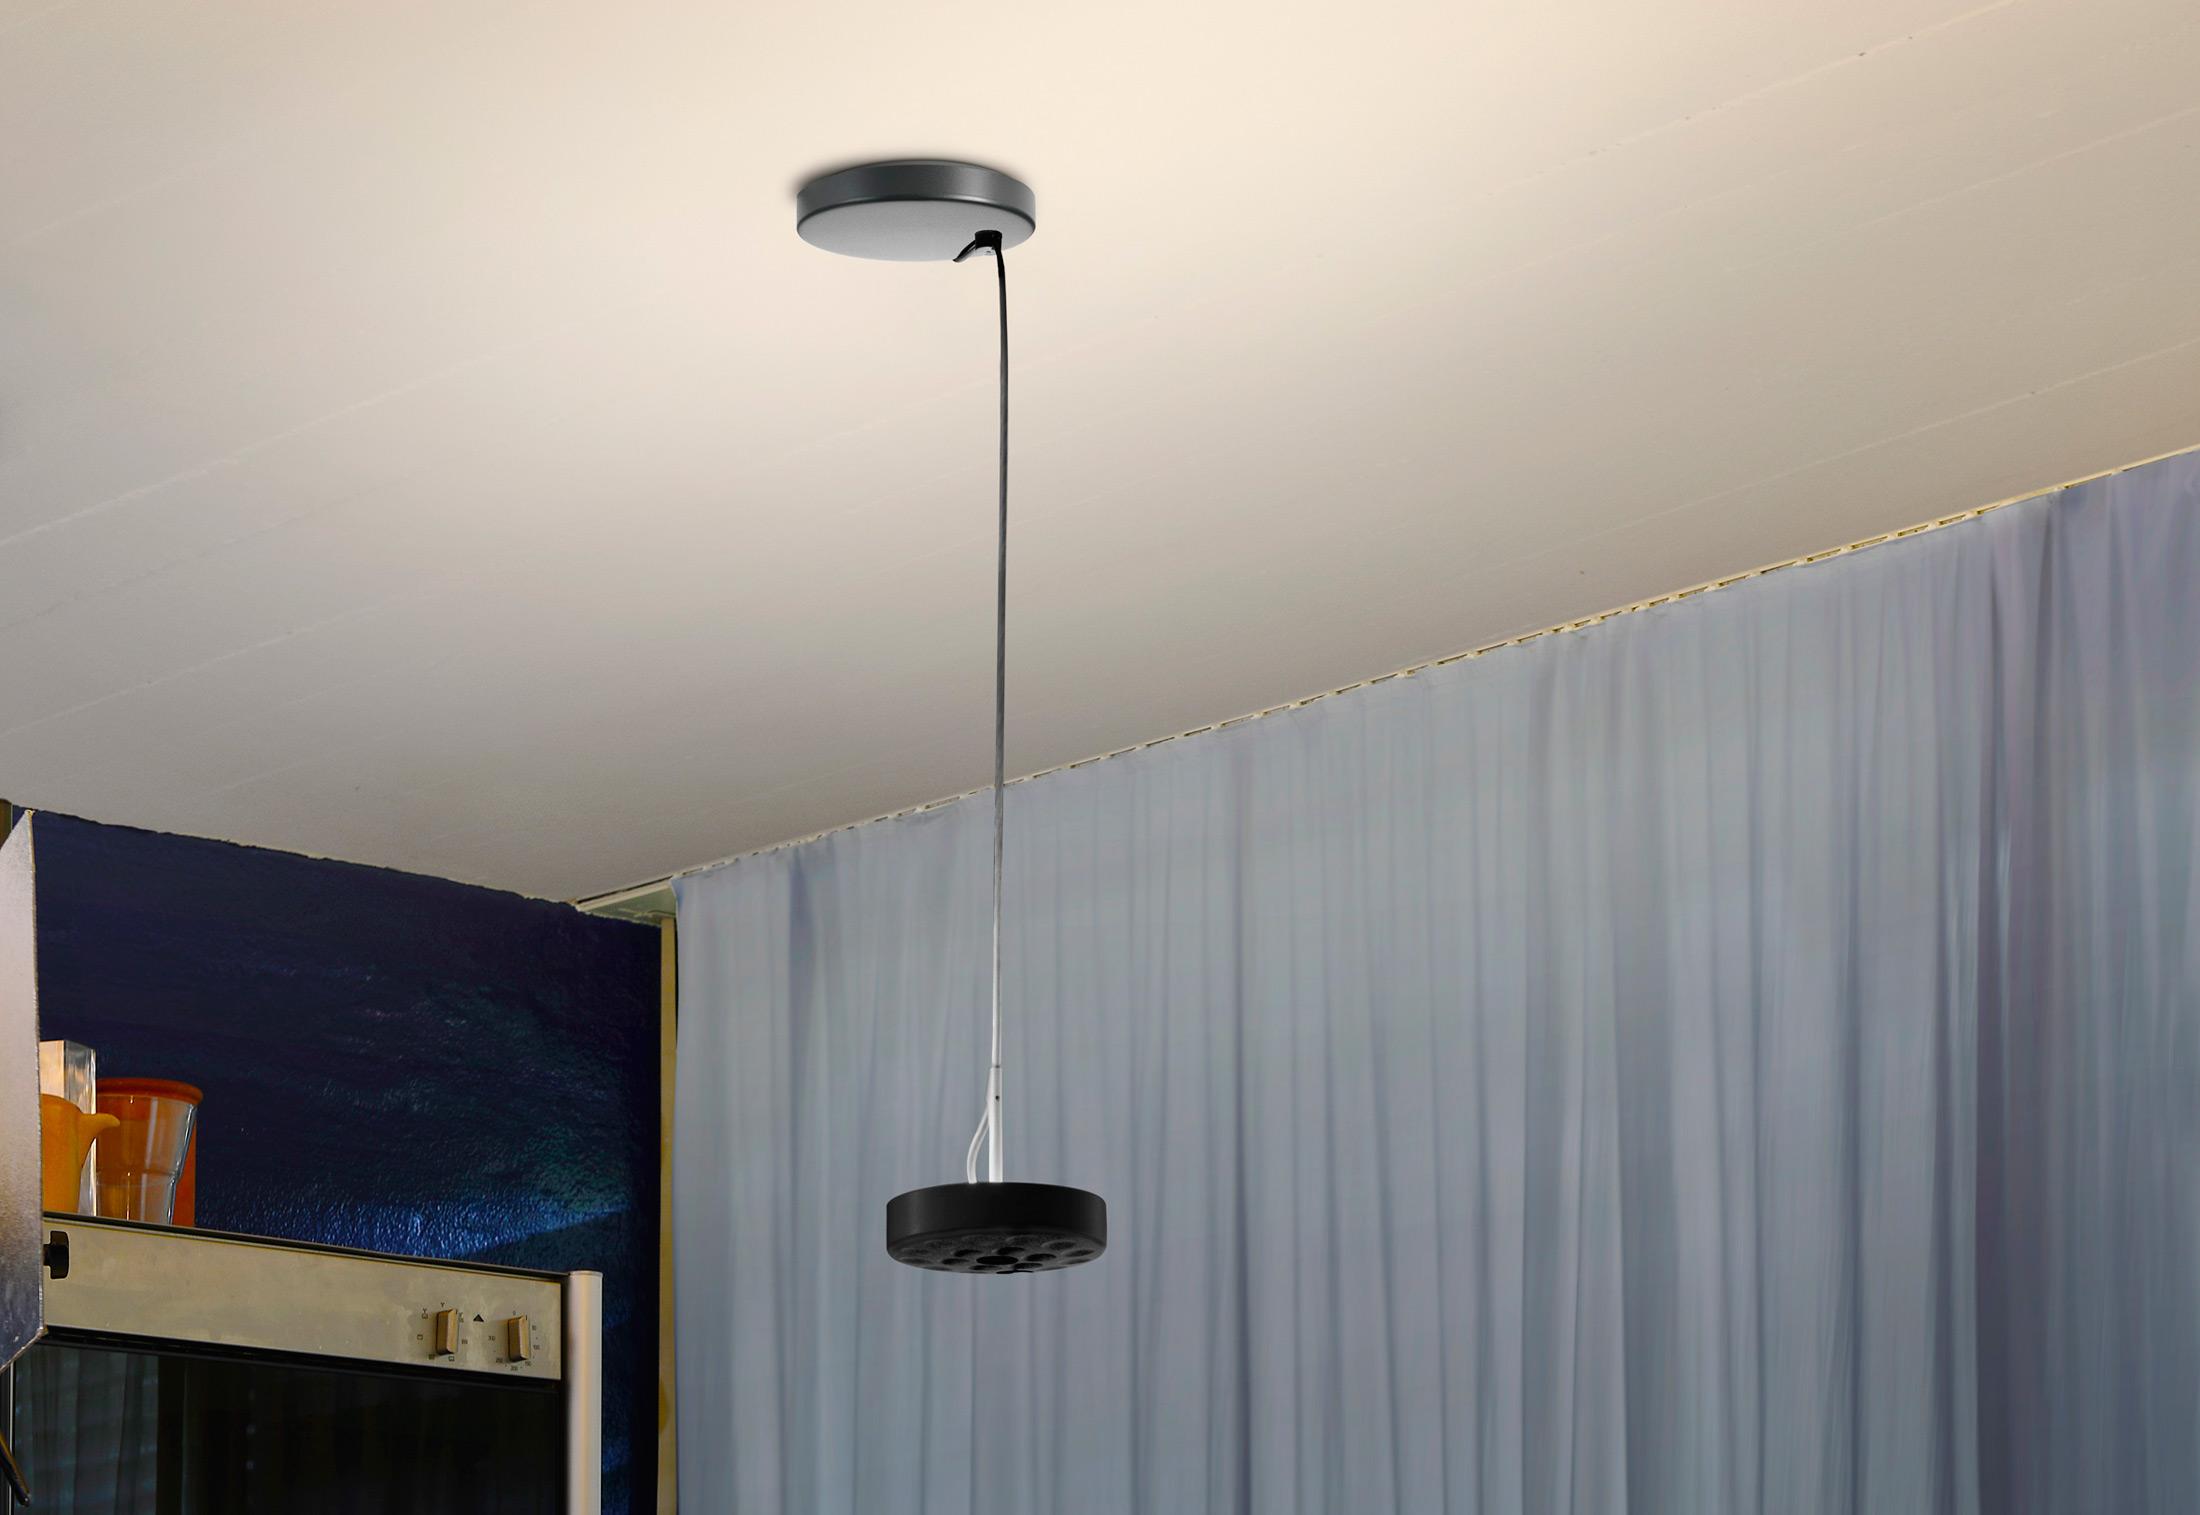 U Turn 34 Pendant Lamp By Belux Stylepark